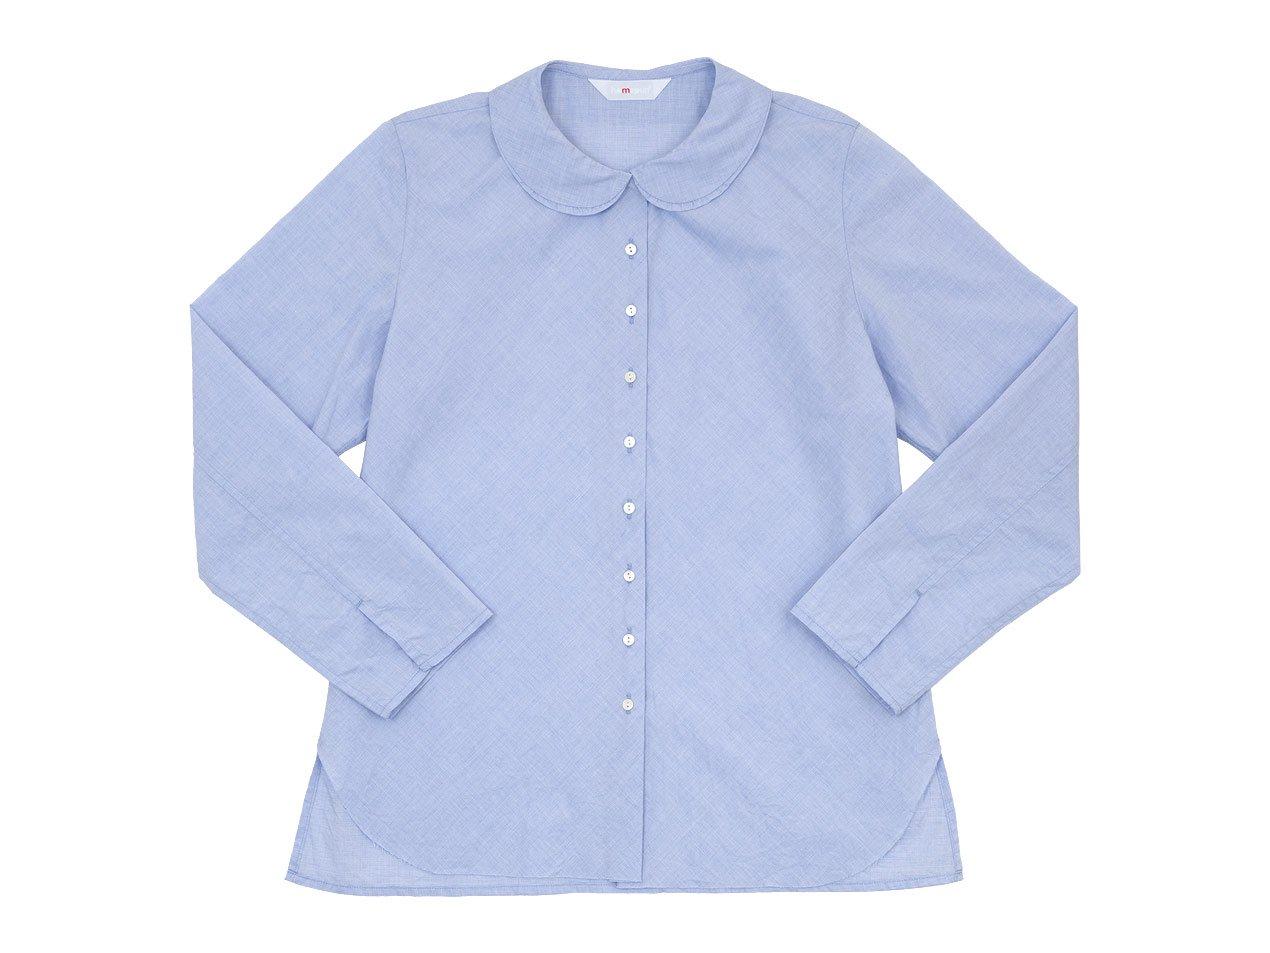 homspun 70/1シャンブレー フラットカラー バイアスブラウス ホワイト x ブルー